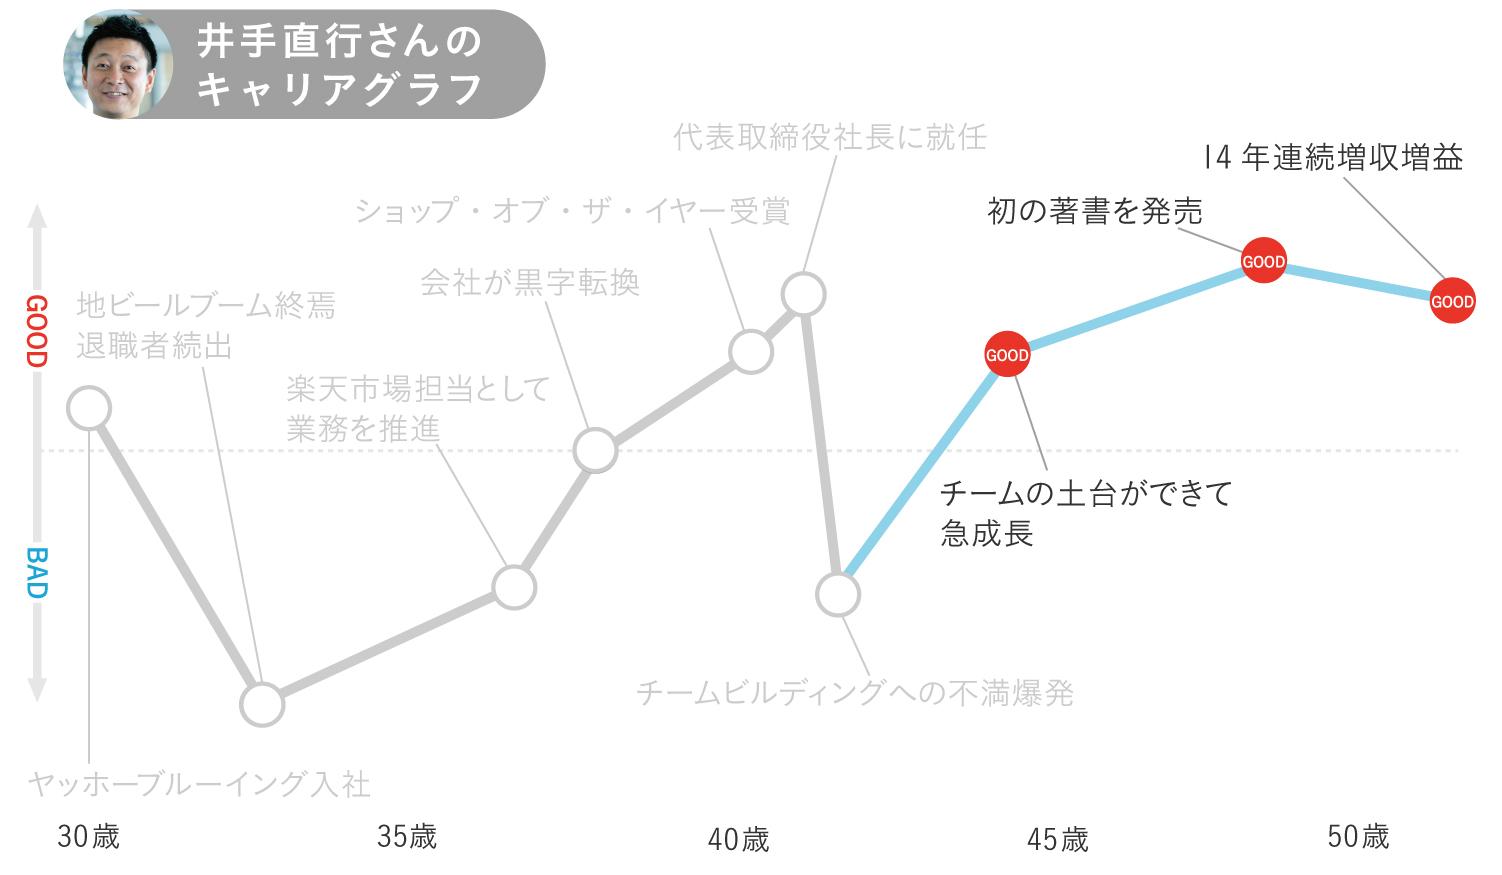 キャリアグラフ5